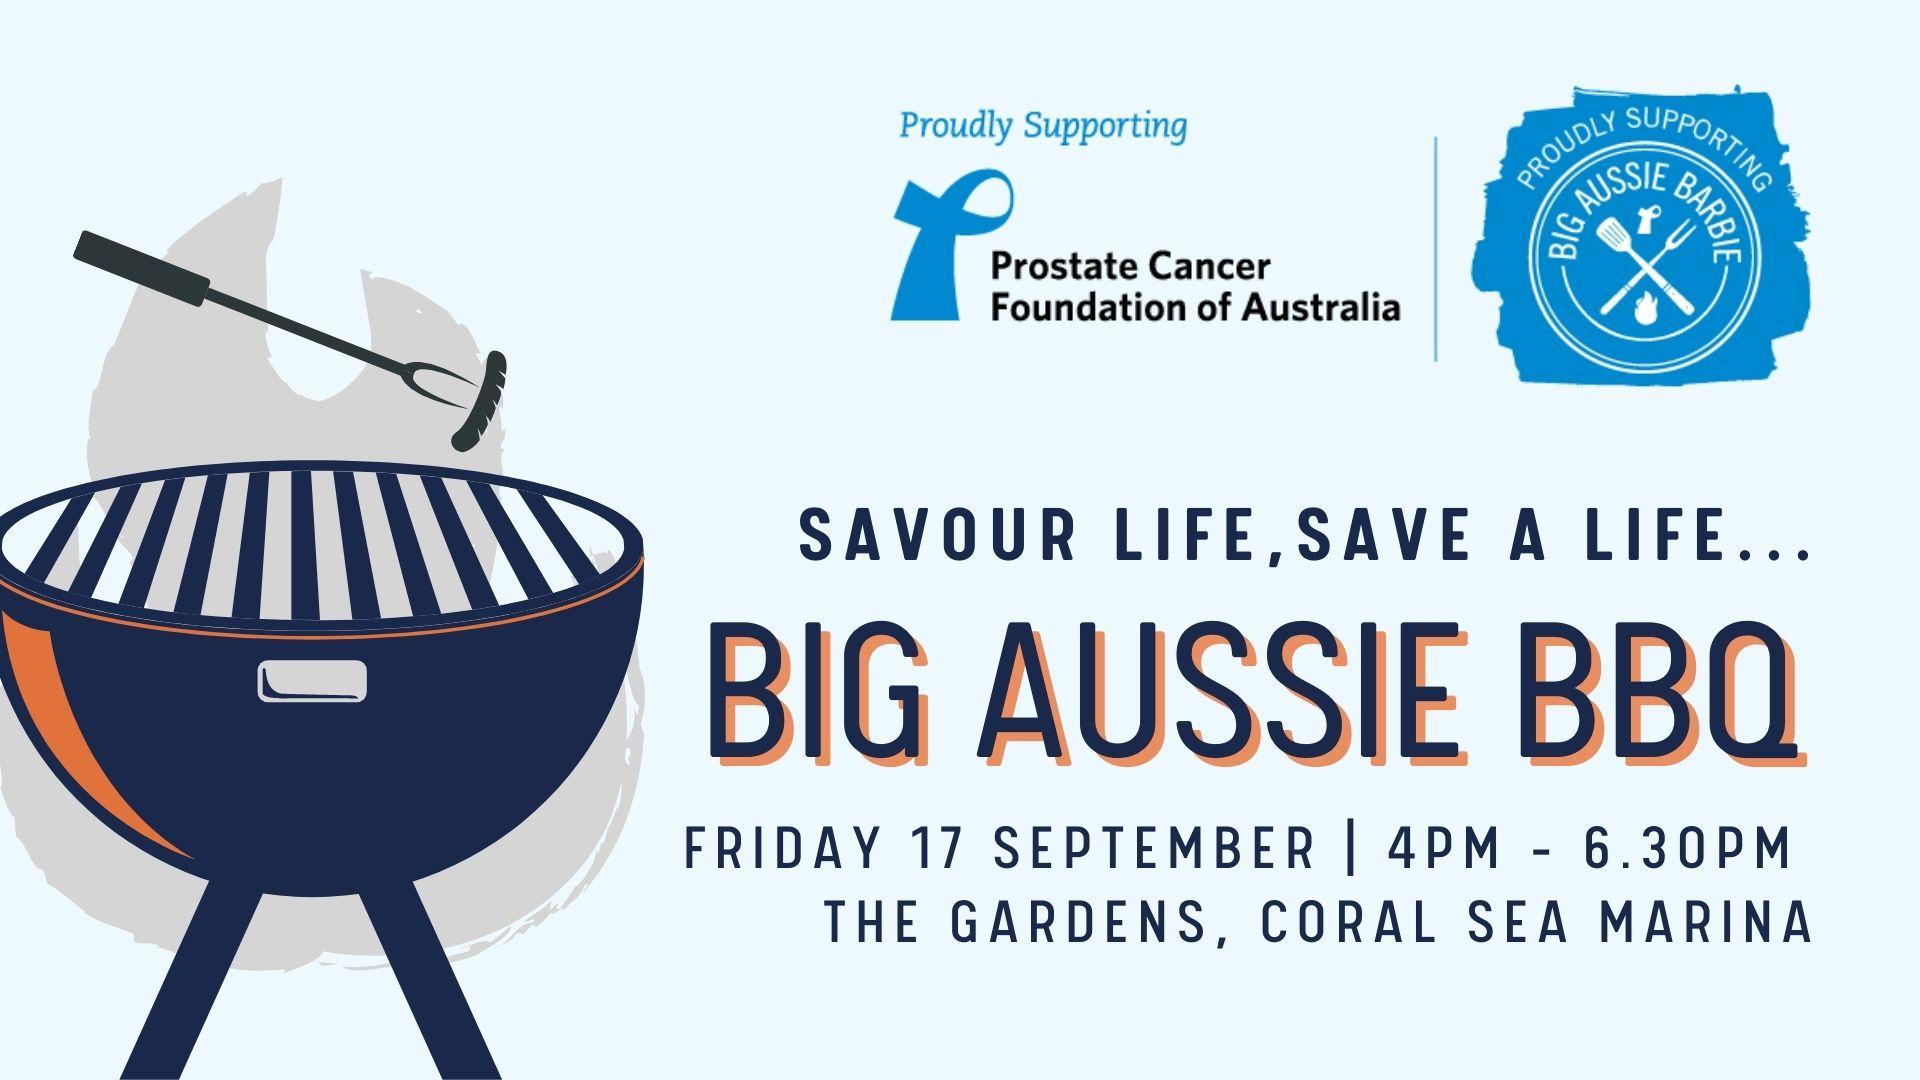 Big Aussie BBQ poster